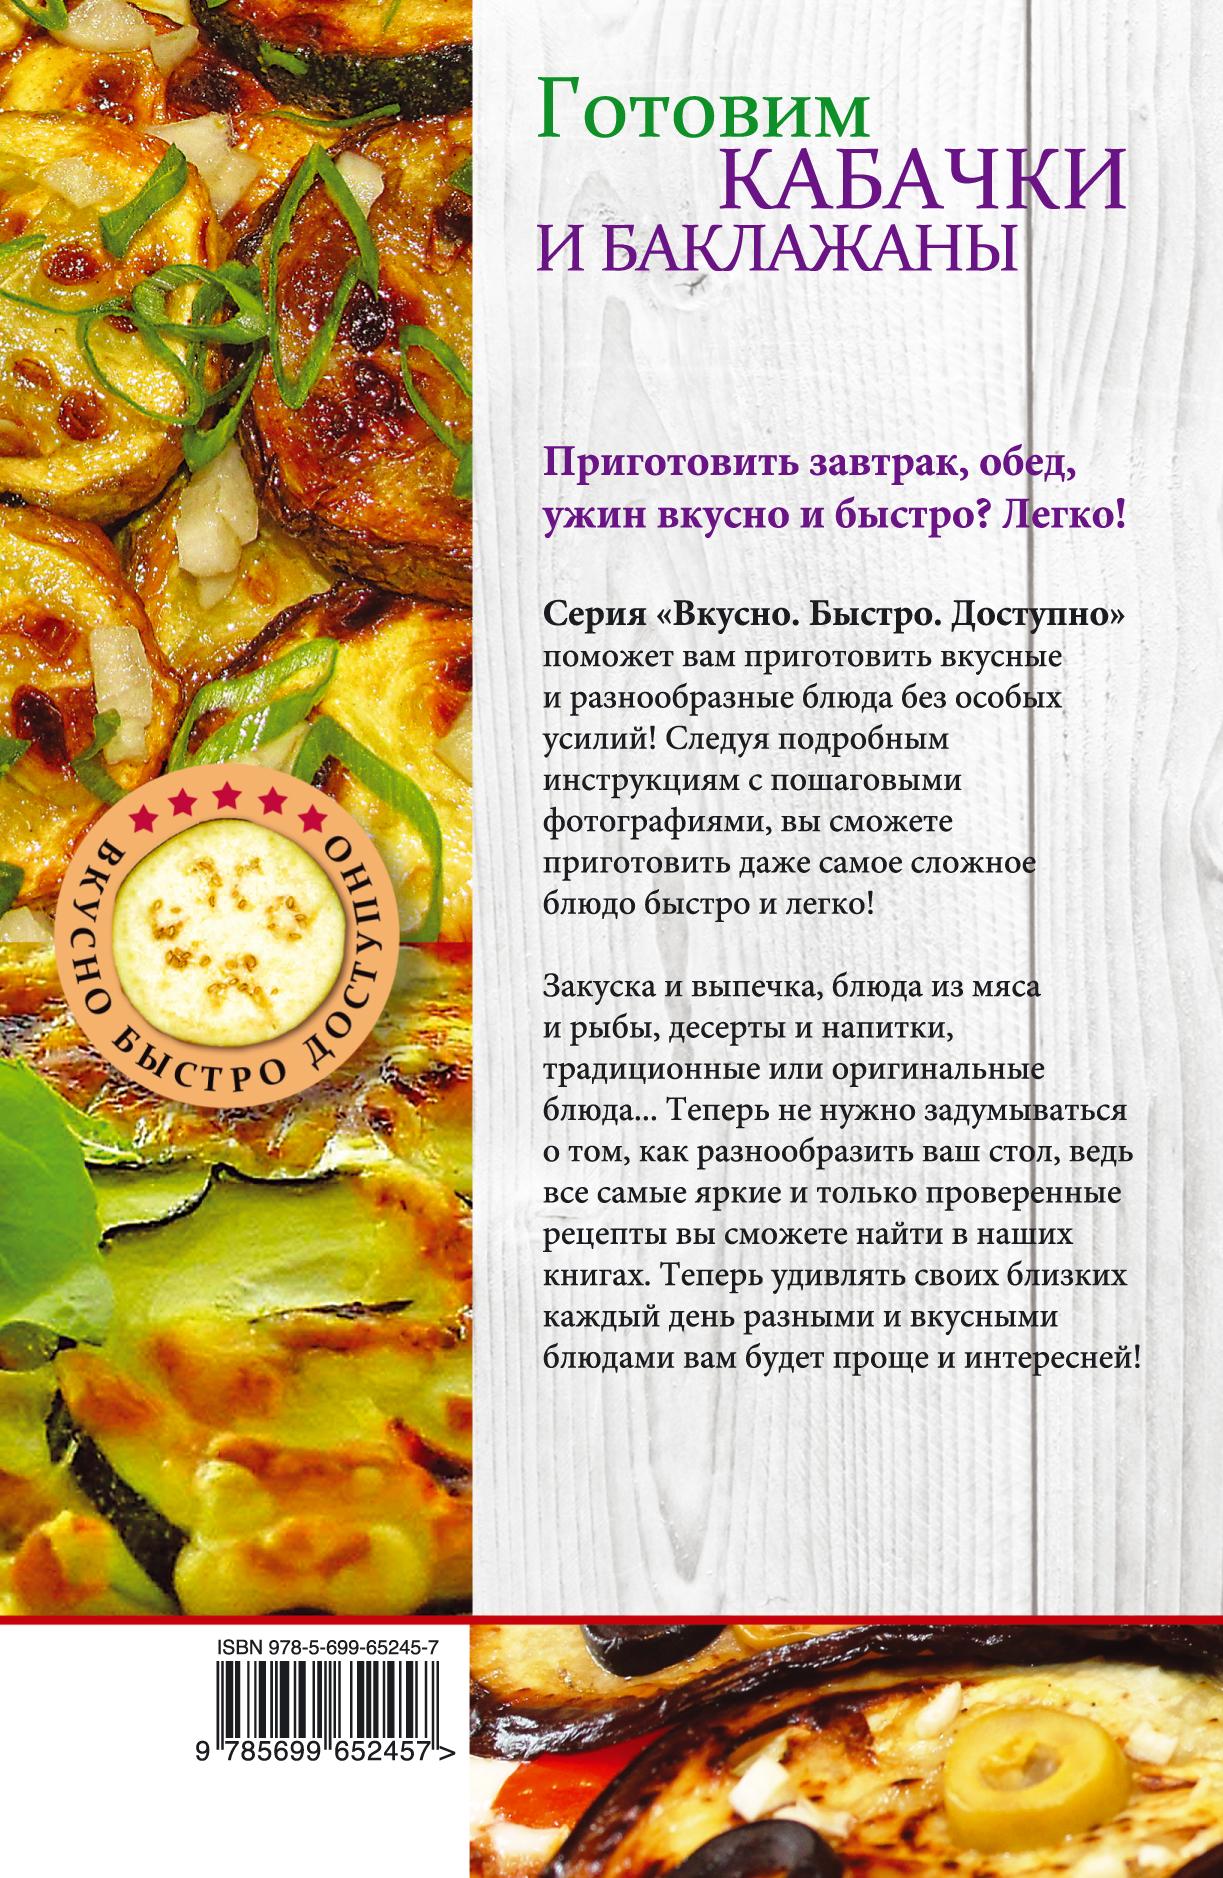 Кабачки рецепты быстро и вкусно пошагово